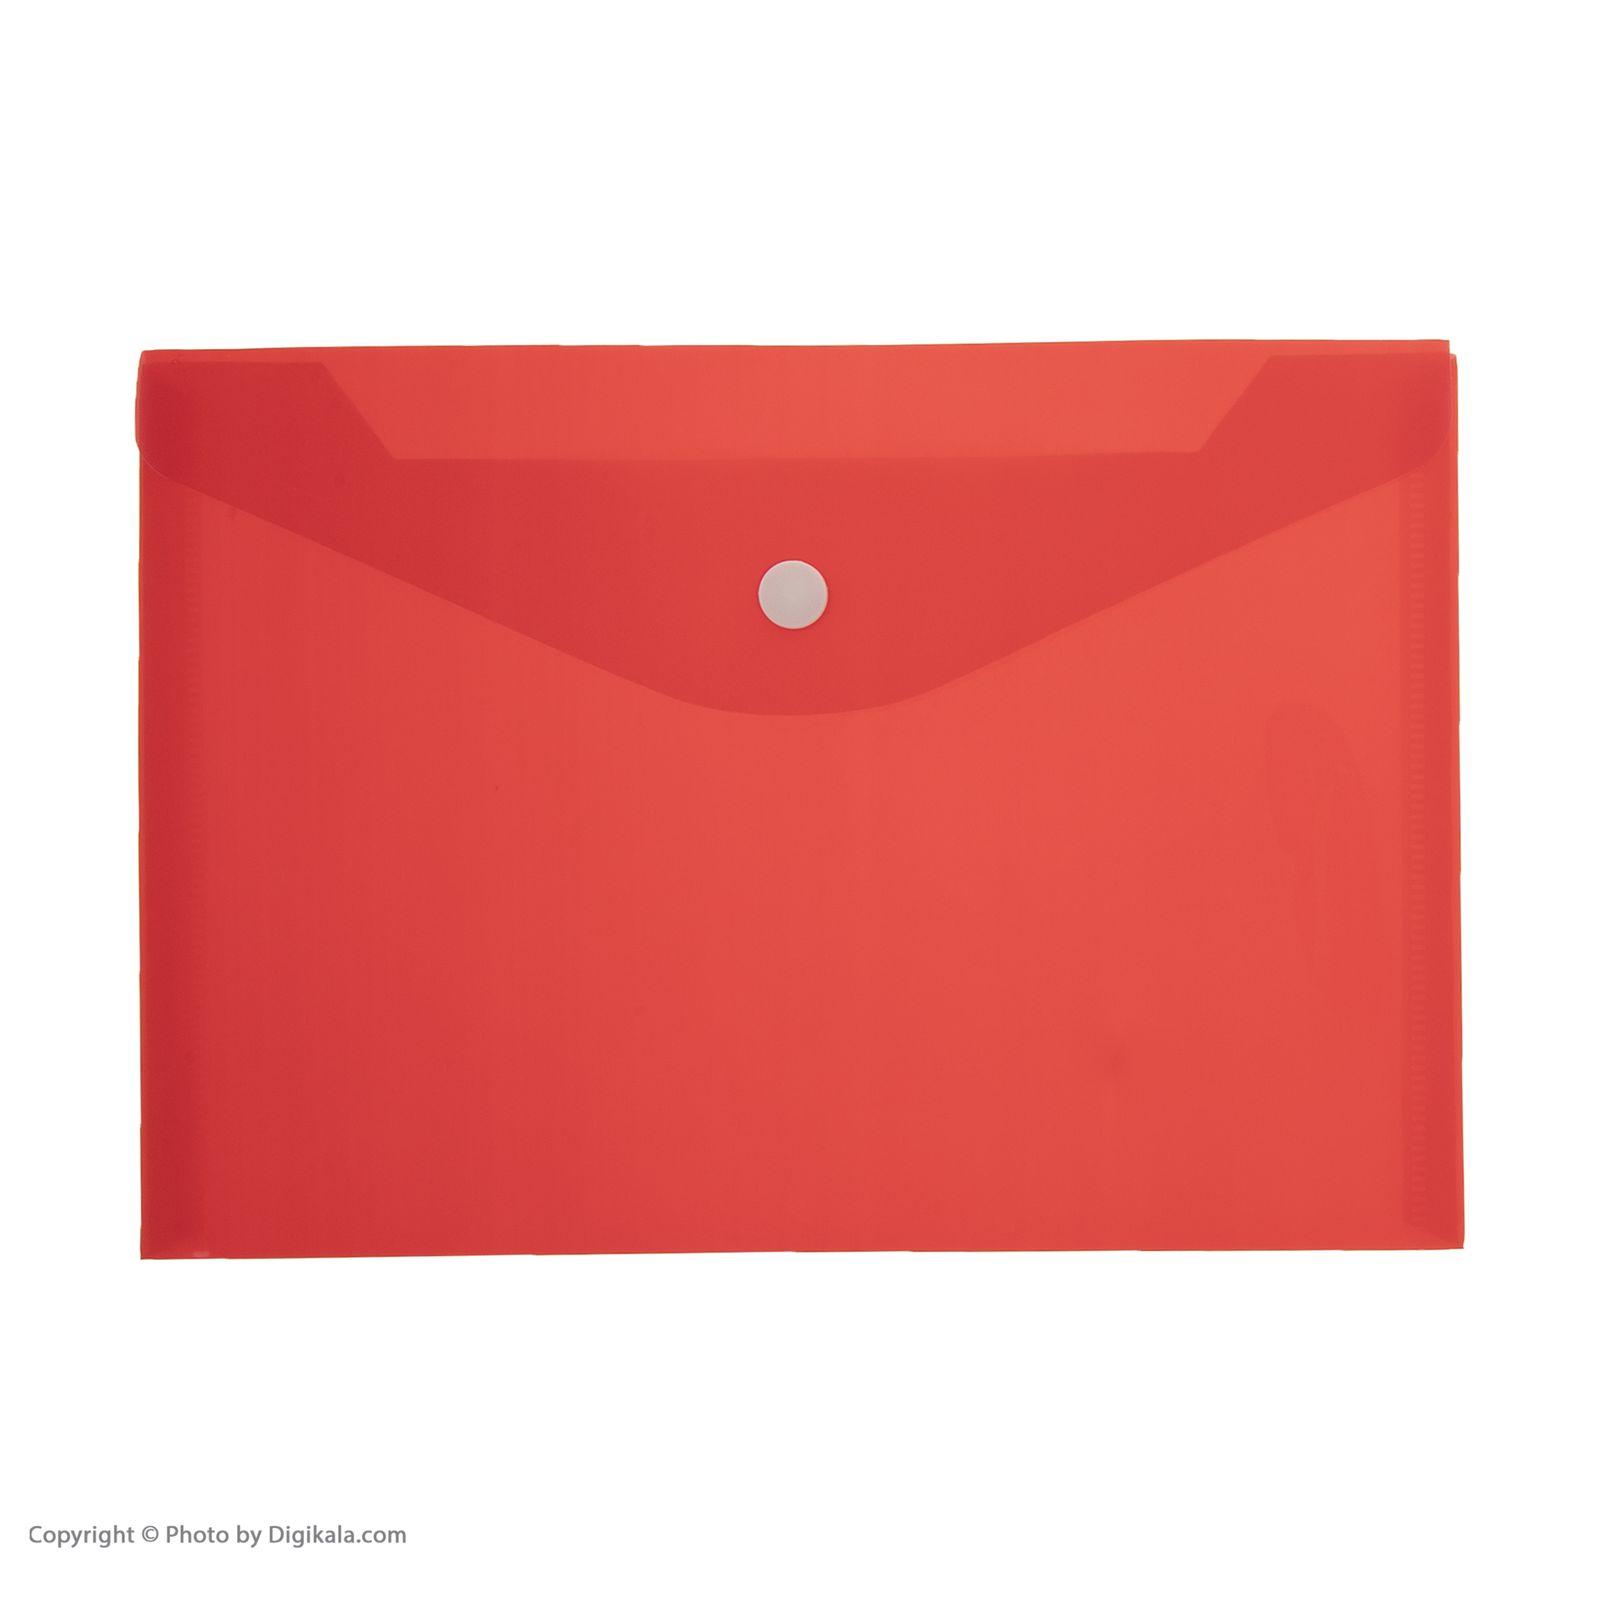 پوشه دکمه دار فوسکا سایز A5 بسته 10 عددی main 1 6